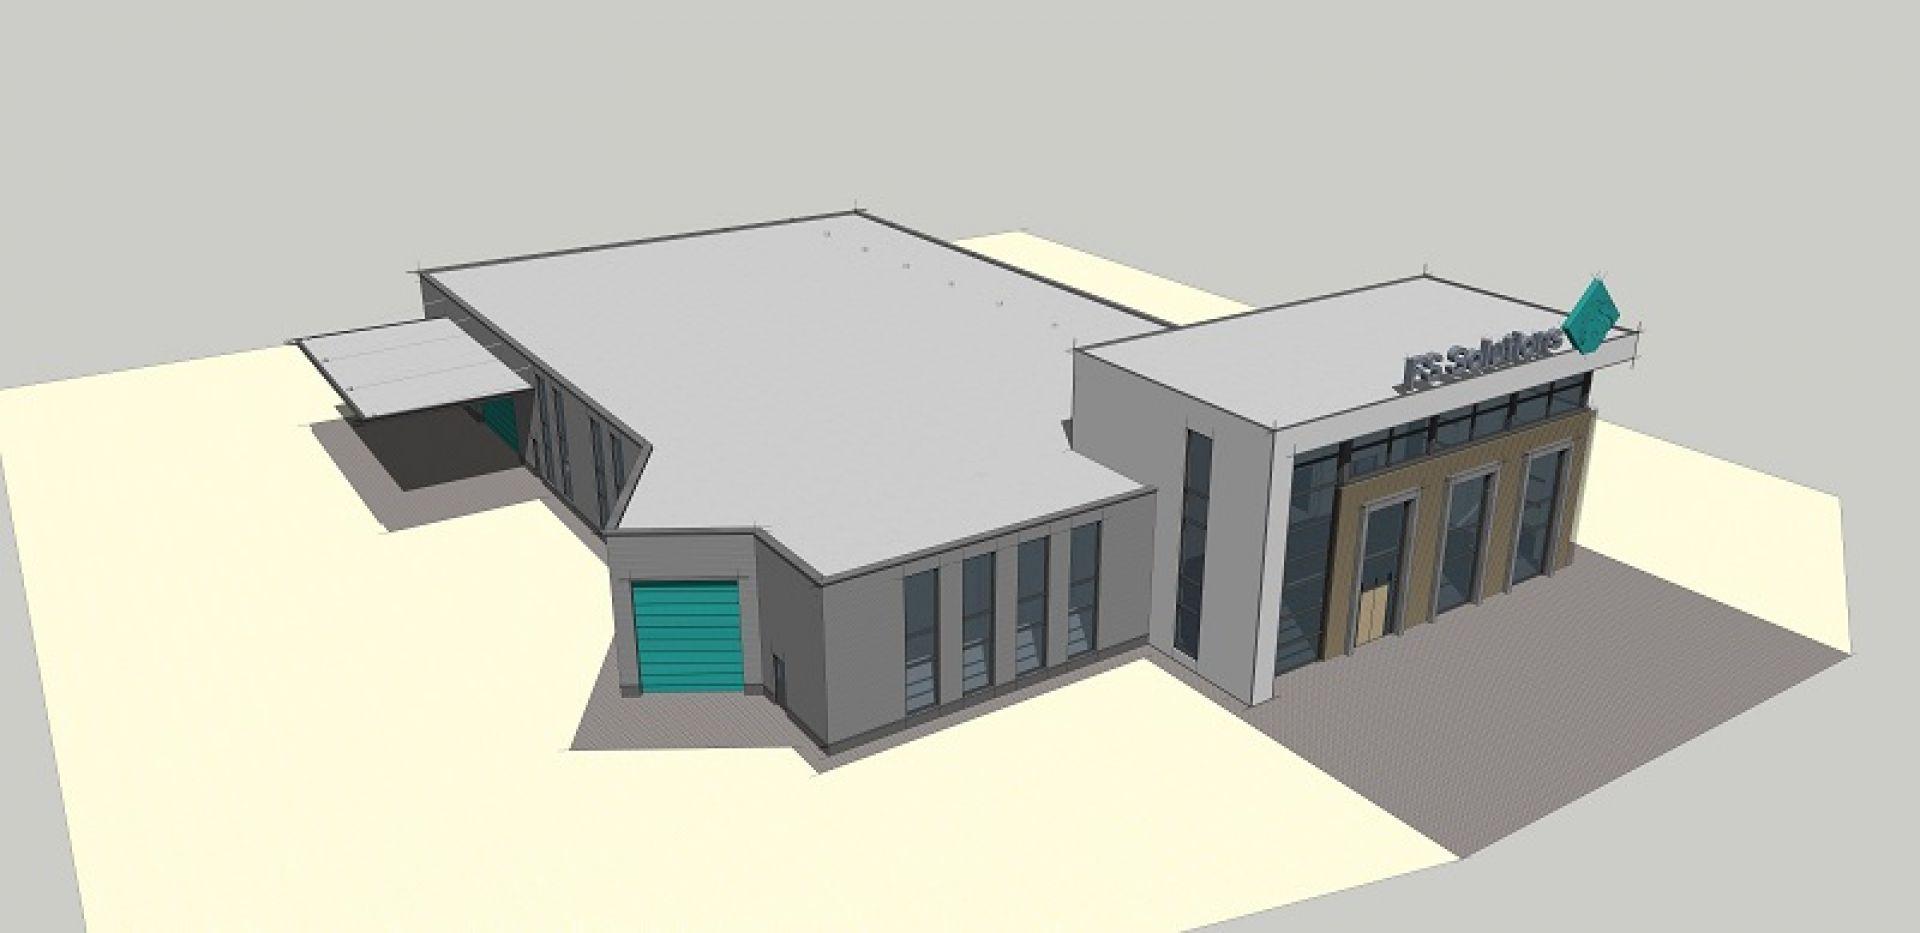 Nieuwbouw bedrijfspand FS Solutions op Zenkeldamshoek